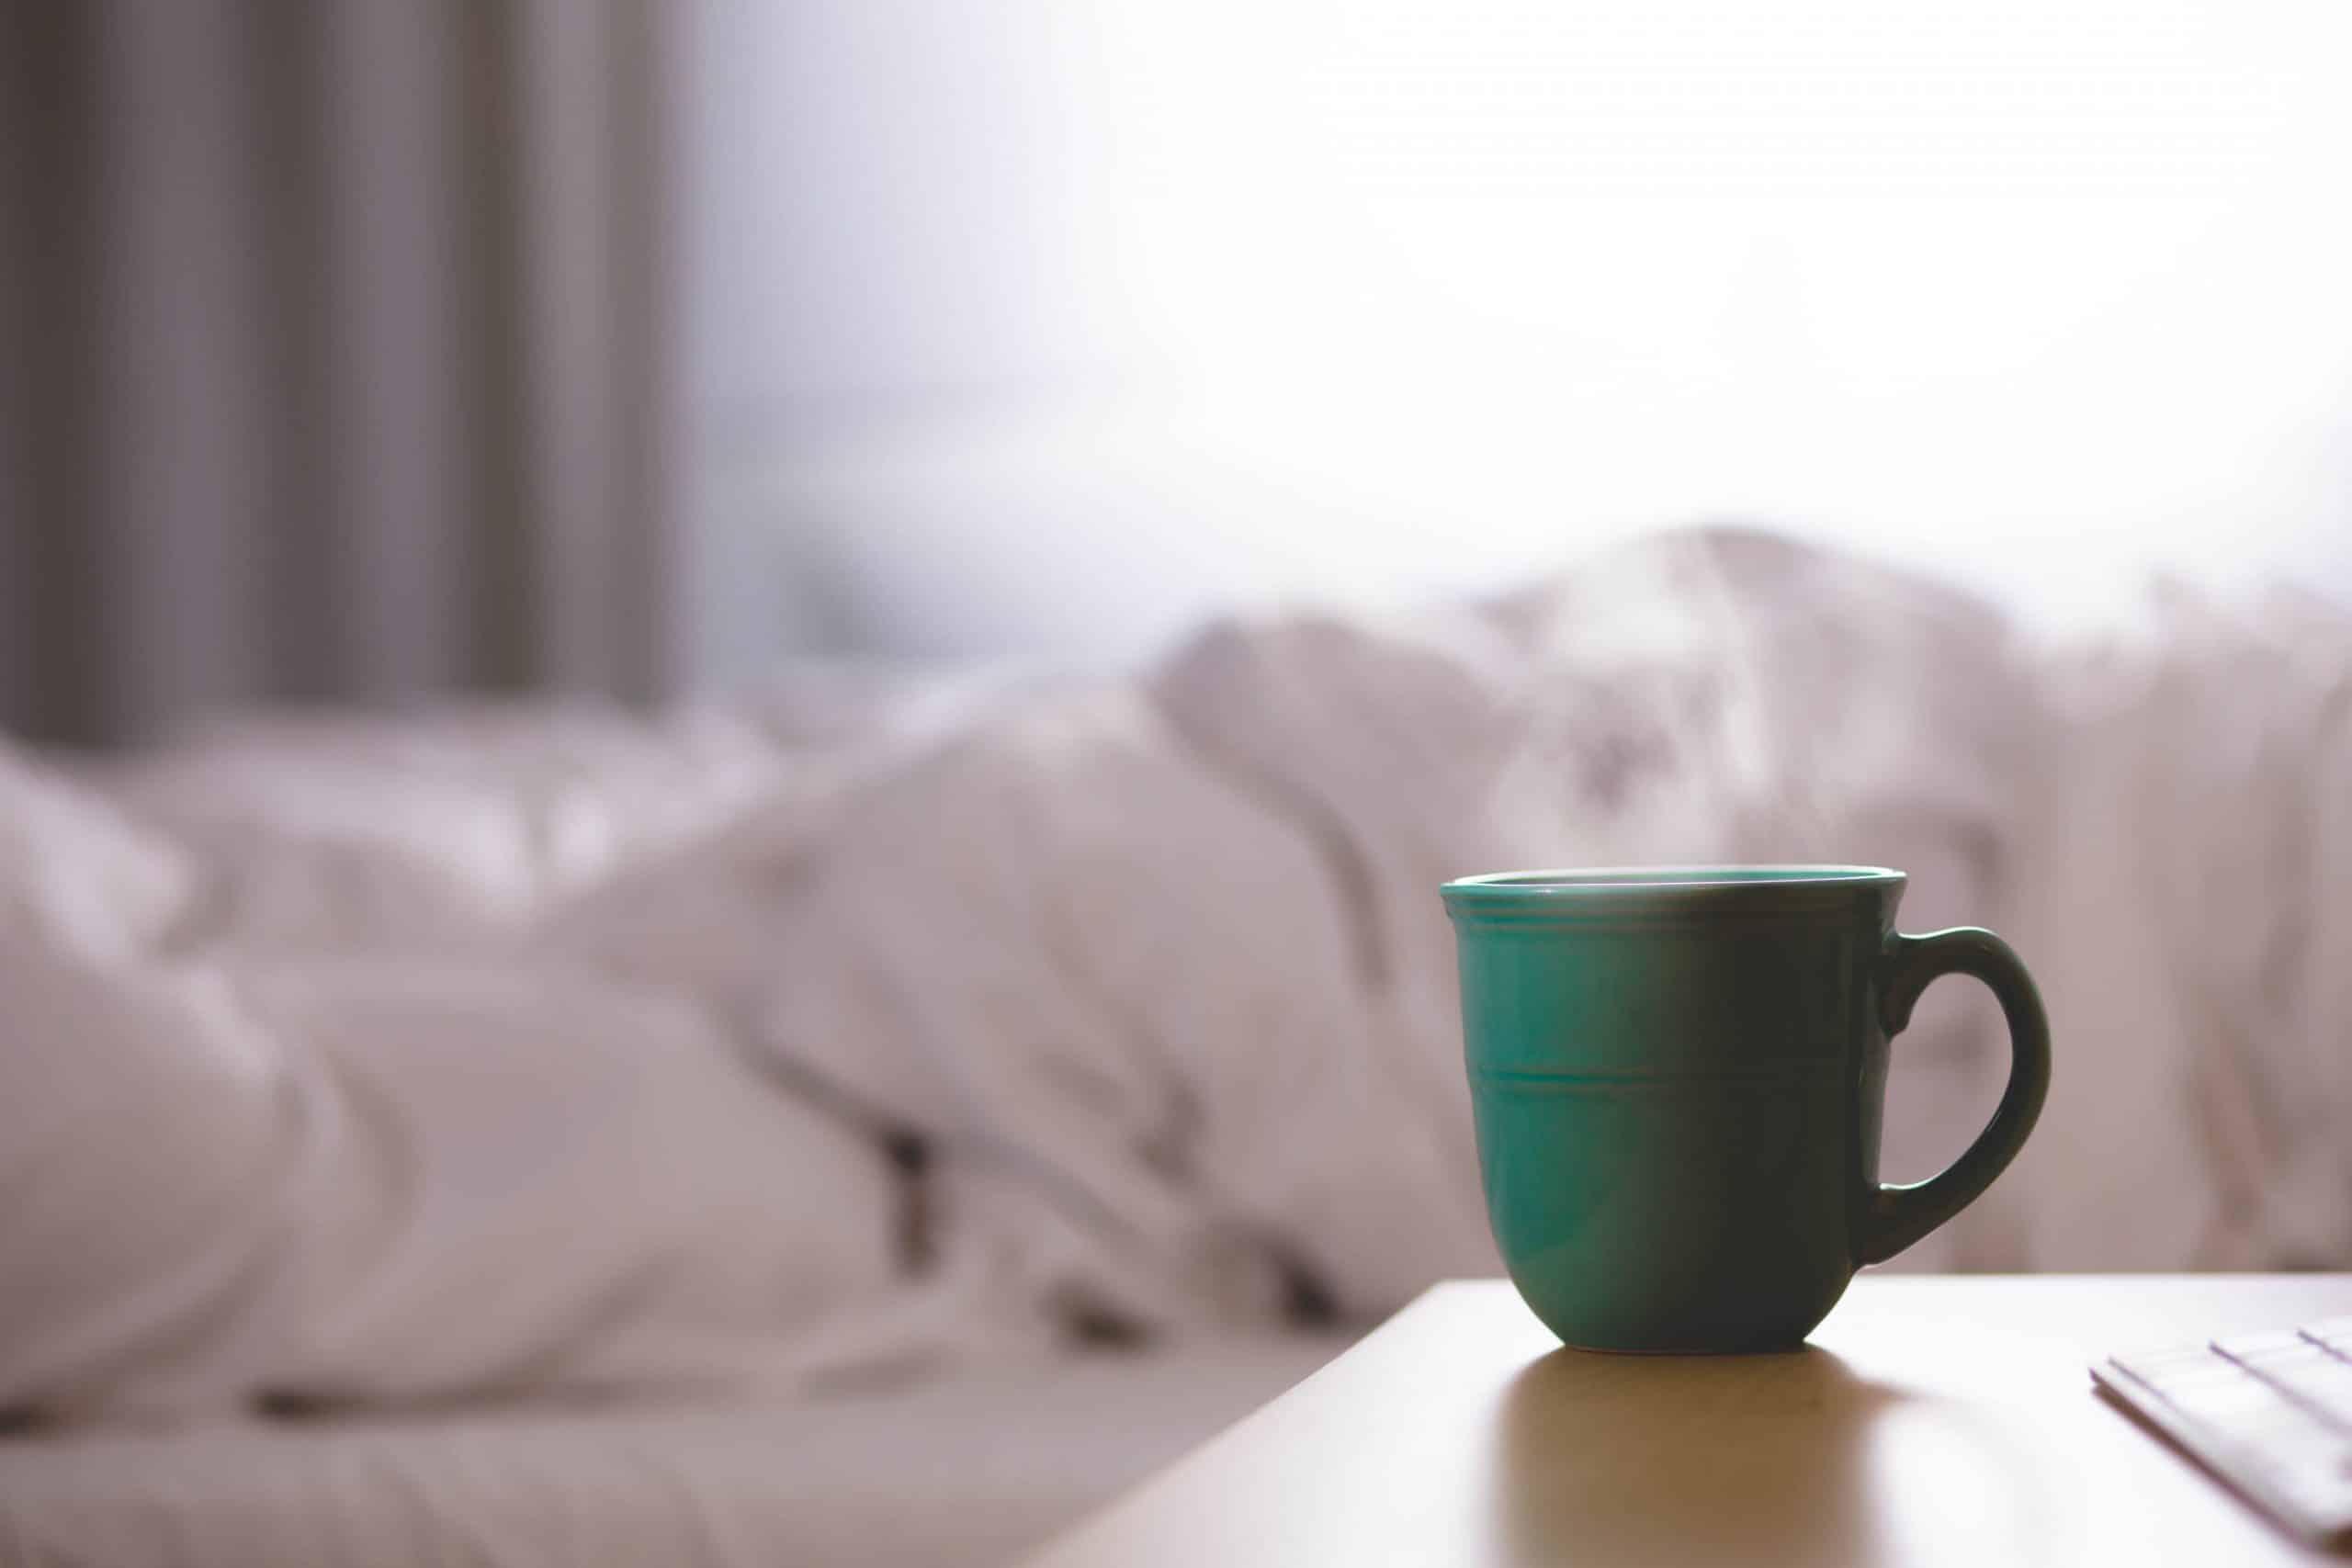 Xícara de café com fumaça saindo em cima de um criado-mudo. Ao fundo, uma cama bagunçada sendo iluminada pela luz do dia que entra no quarto.